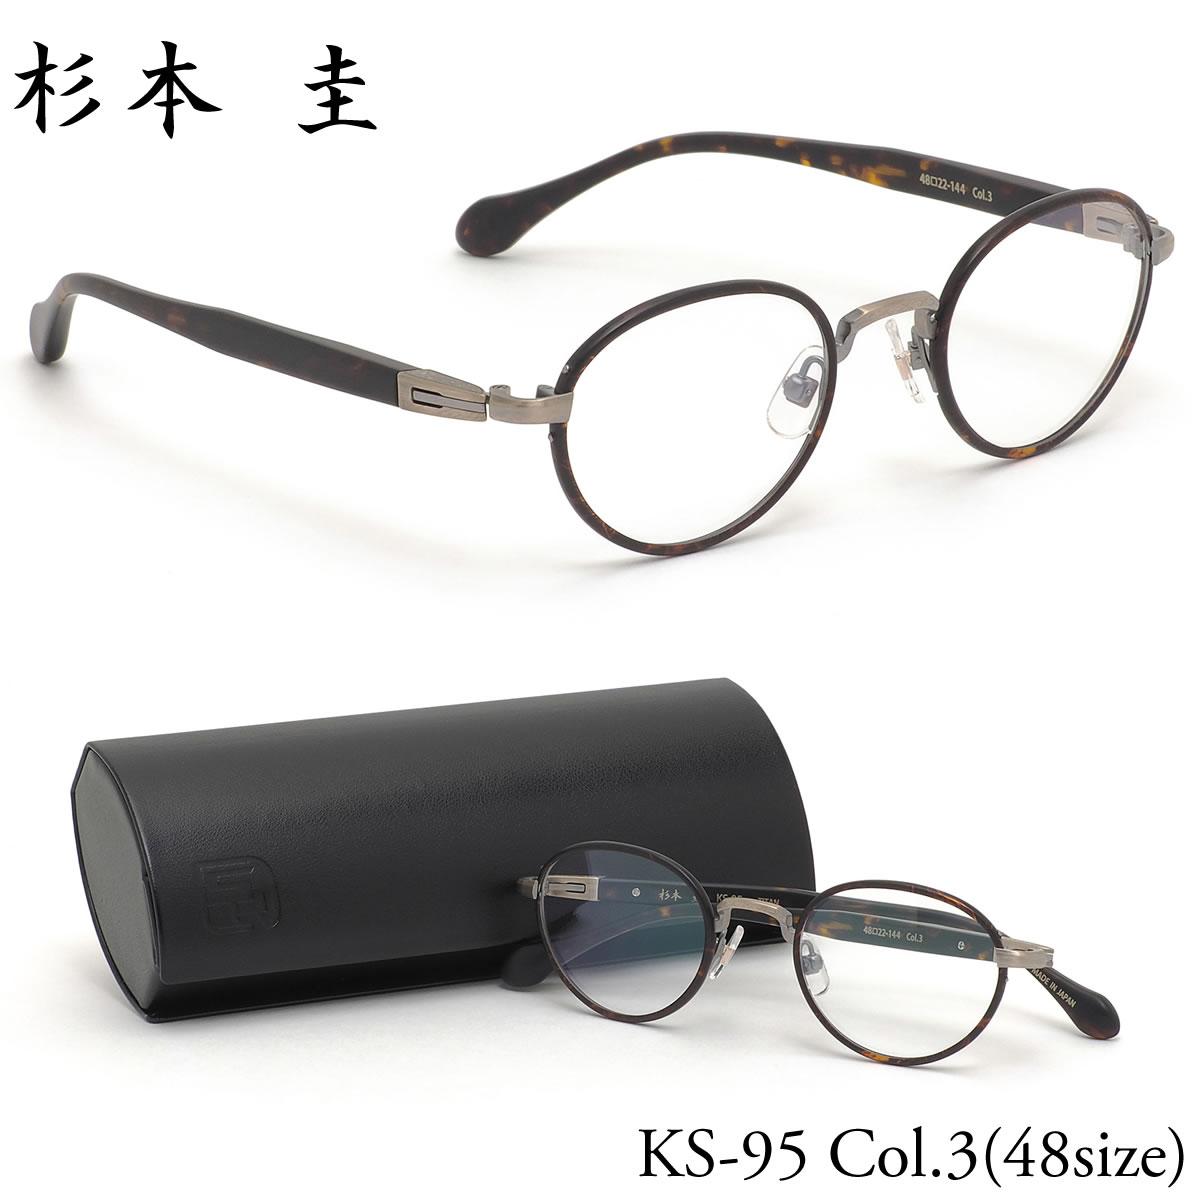 【10月30日からエントリーで全品ポイント20倍】【杉本圭】 (スギモトケイ) メガネKS-95 3 48サイズSUGIMOTO KEI 日本製 チタン杉本圭 メンズ レディース